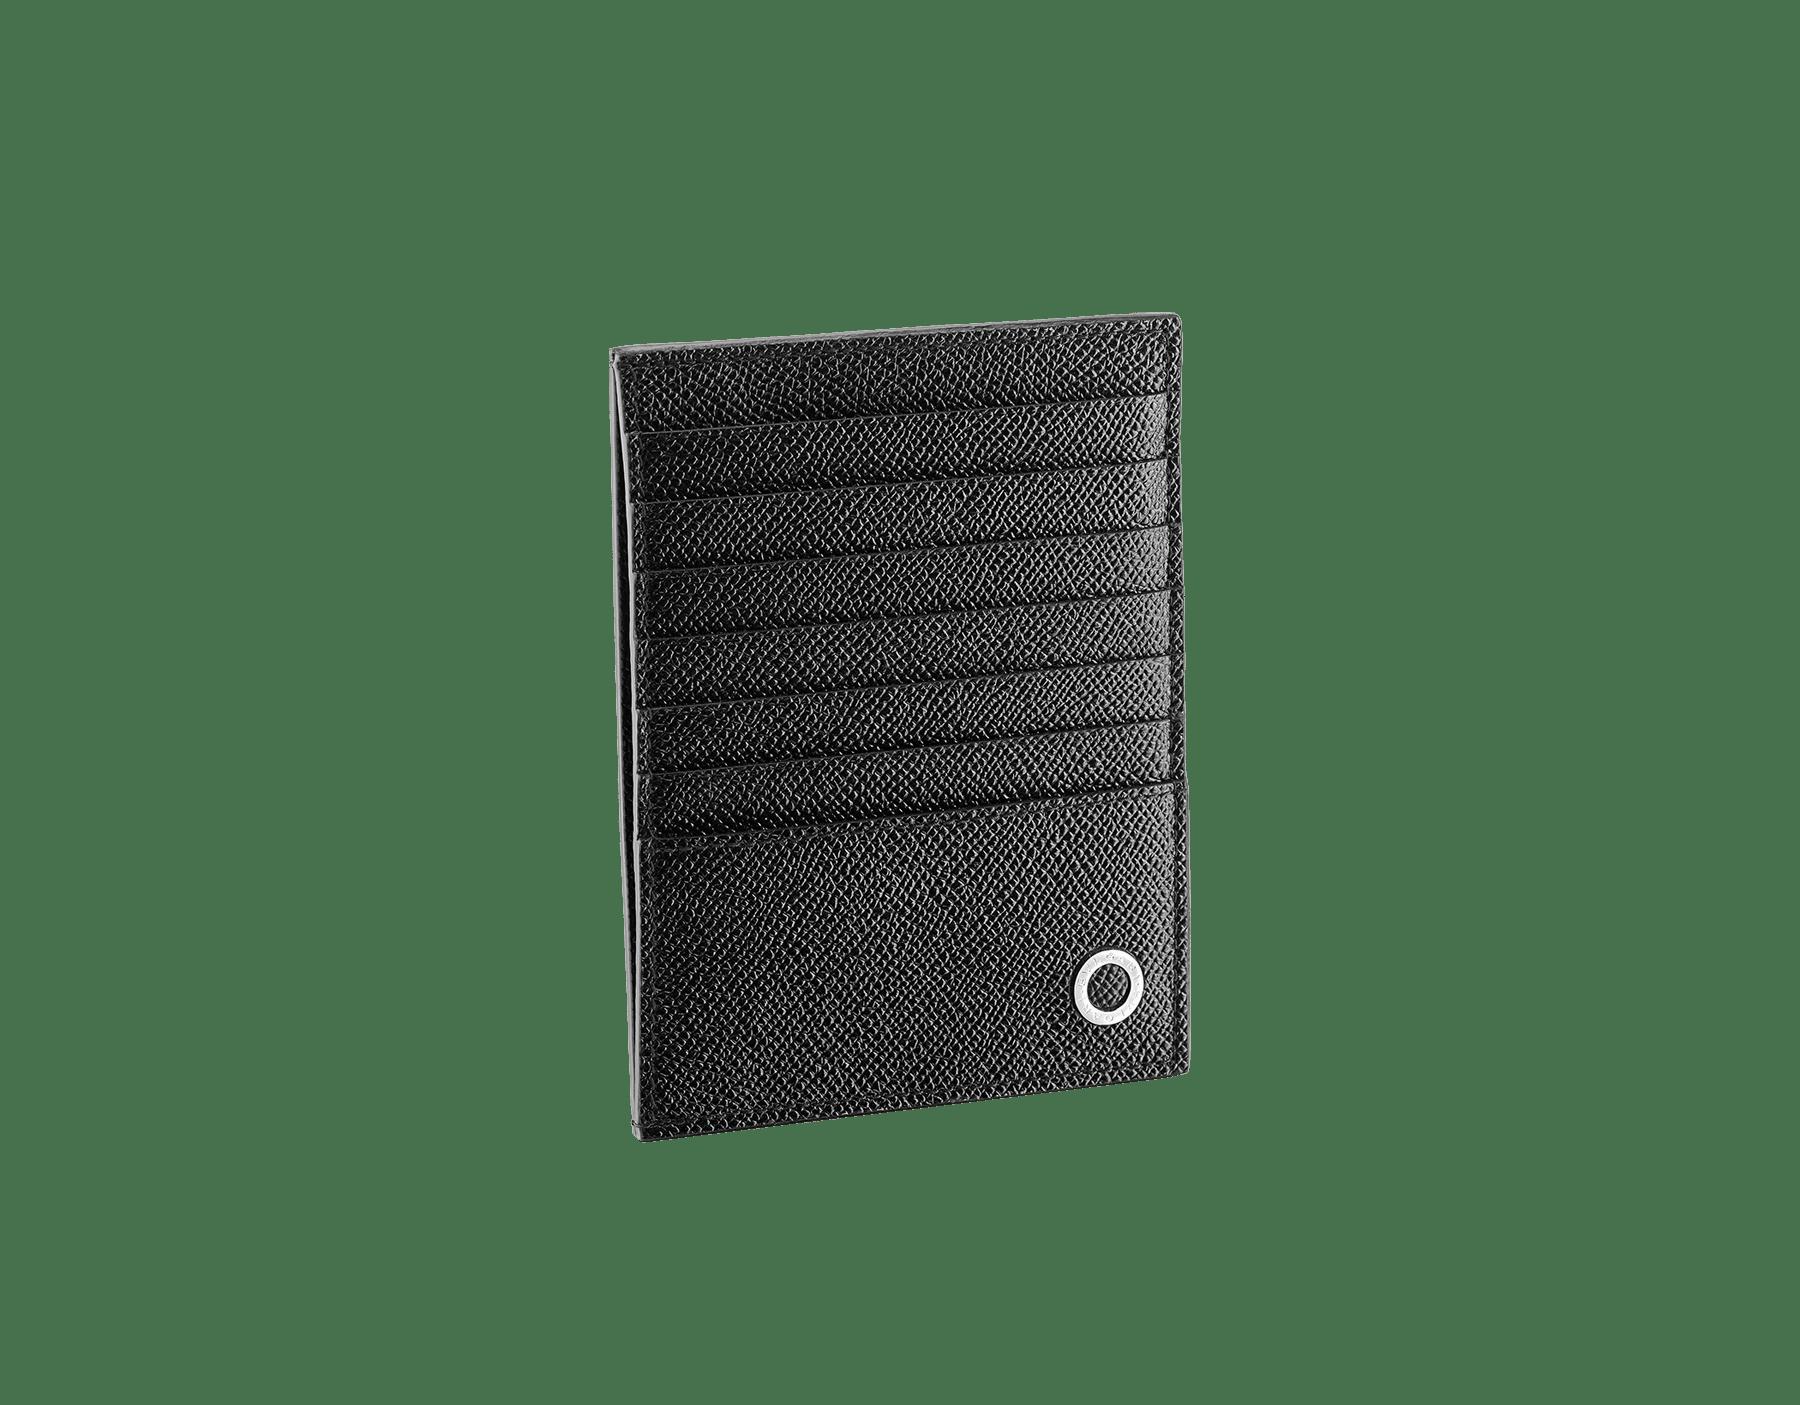 ブラックのグレインカーフレザー製「ブルガリ・ブルガリ」クレジットカードおよびコインホルダー。ブラスパラジウムプレートのアイコニックなロゴの装飾。 289391 image 1